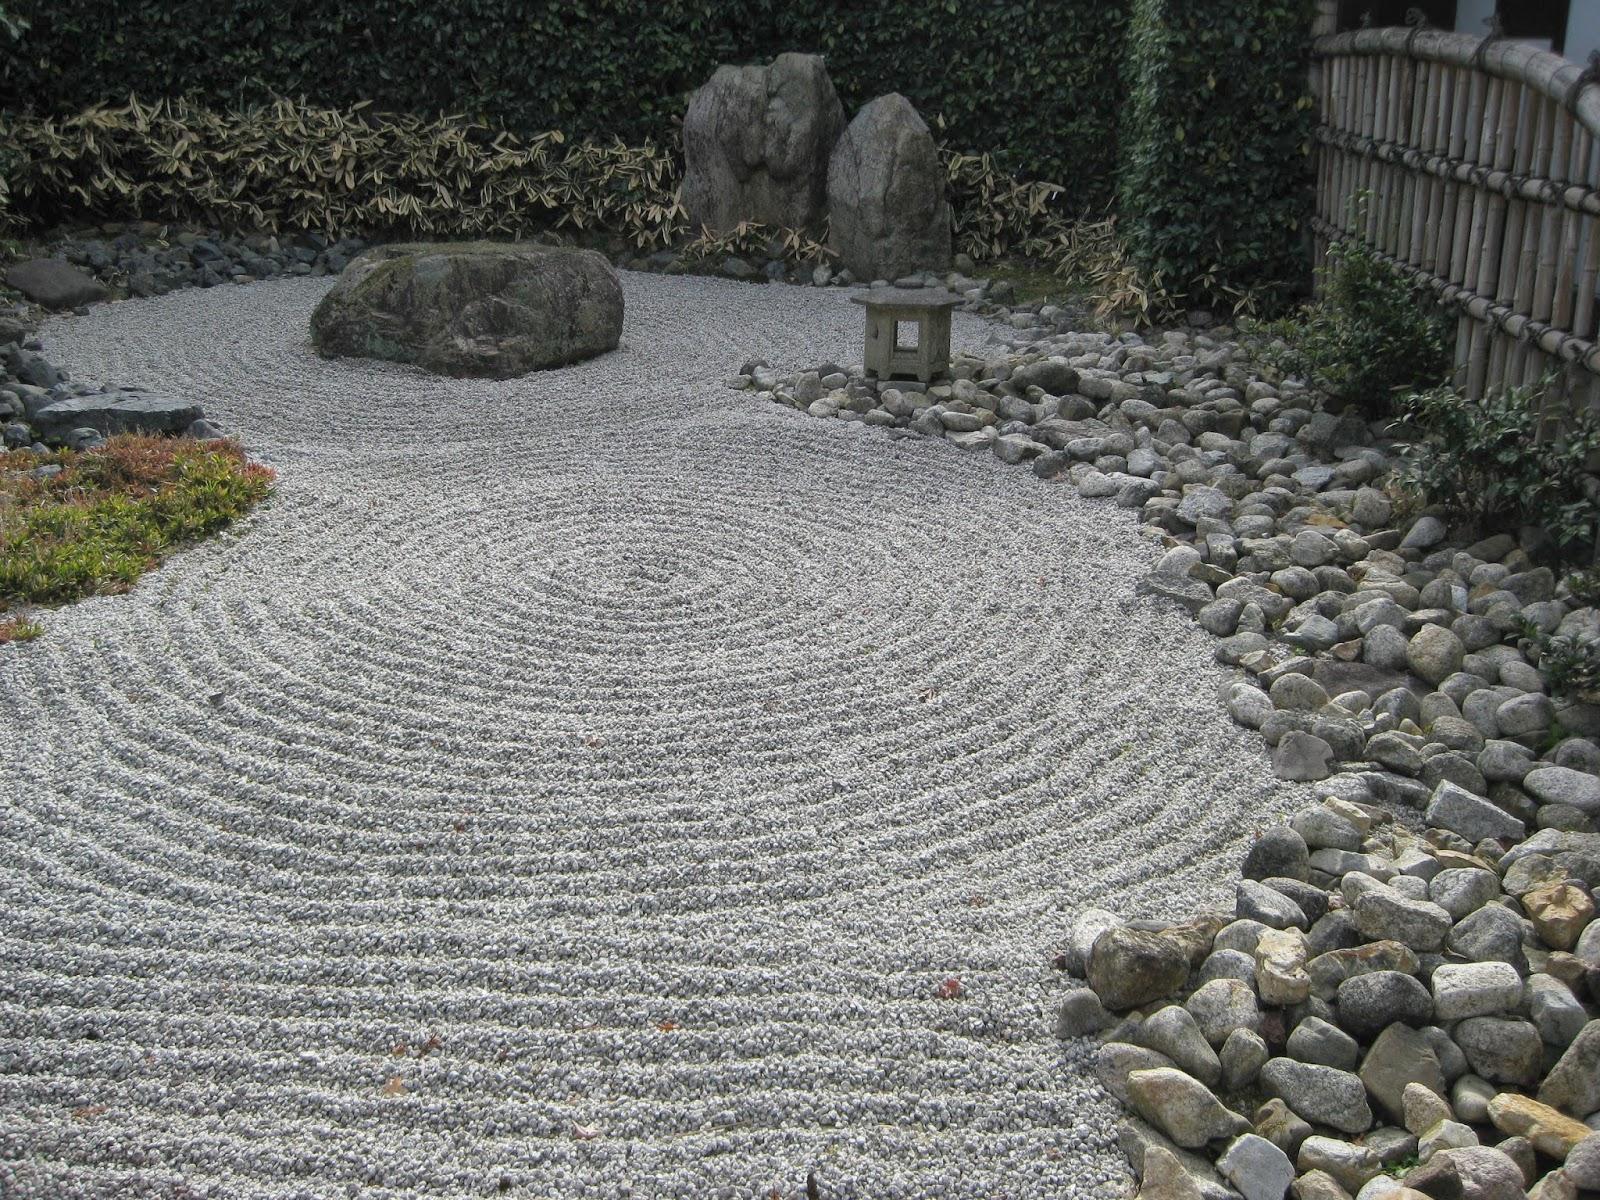 Kyoto - Zen rock garden